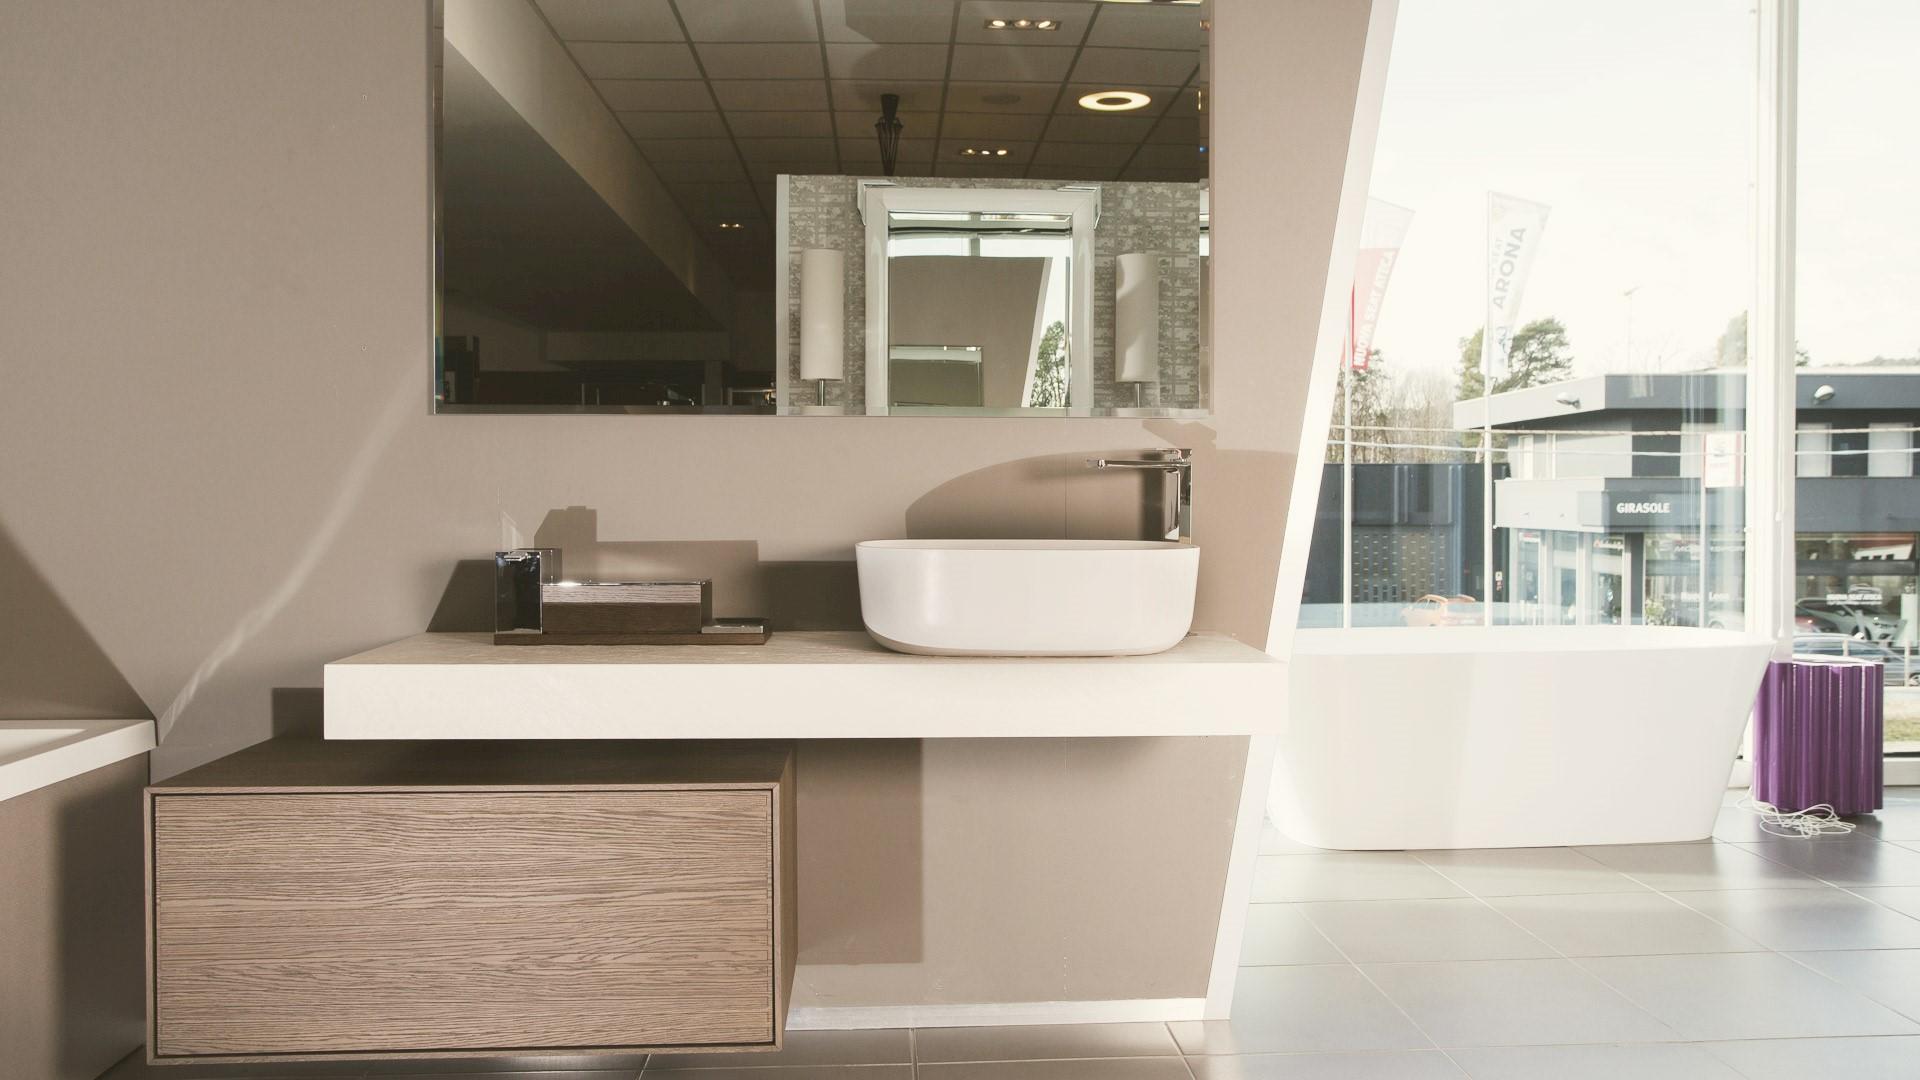 Bagno Romantico Foto : Hjky accessori bagno romantico set incontenibile vasca da bagno in